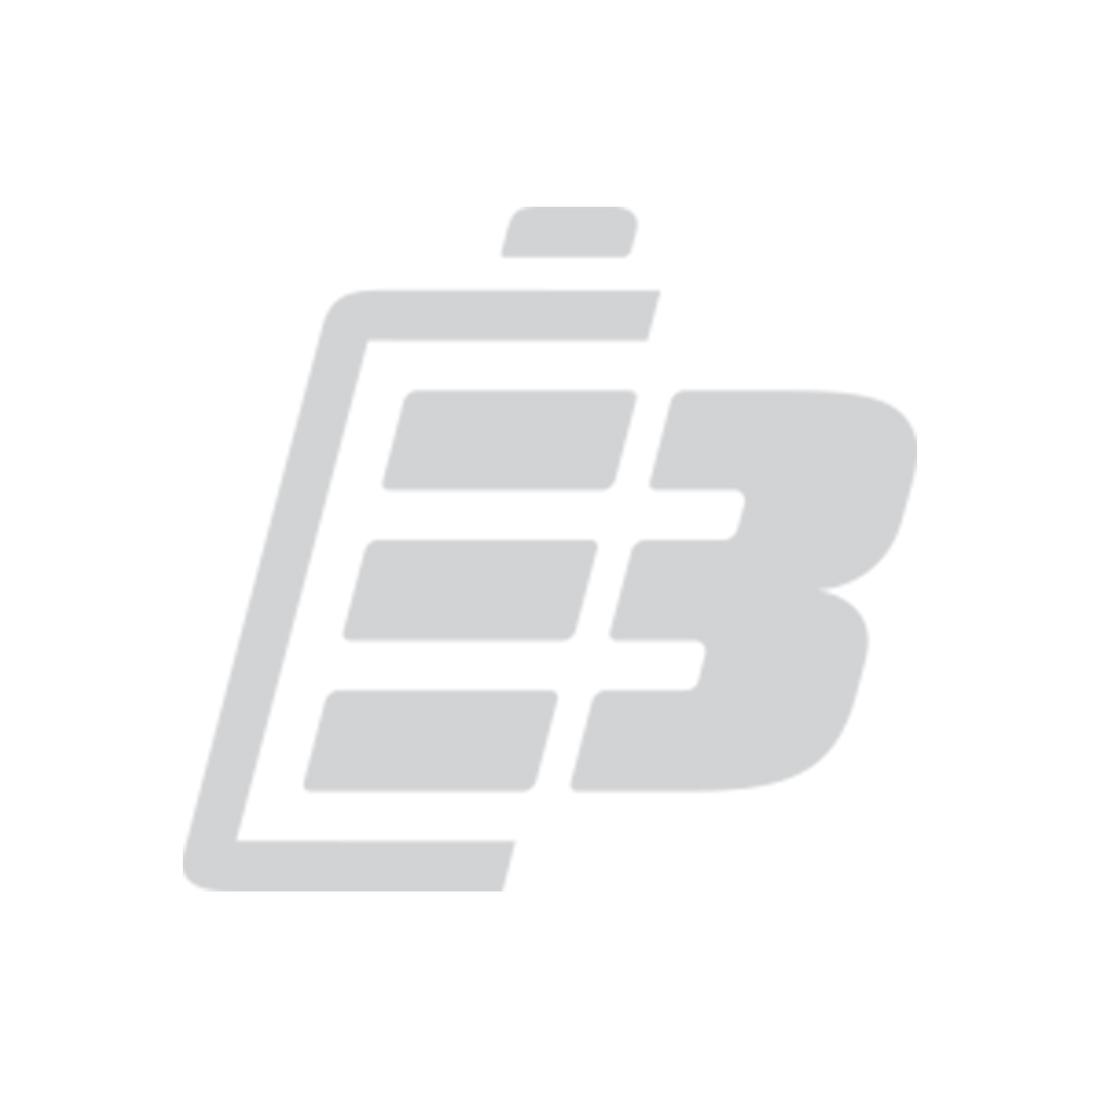 Μπαταρία βιντεοκάμερας Toshiba Camileo H30_1